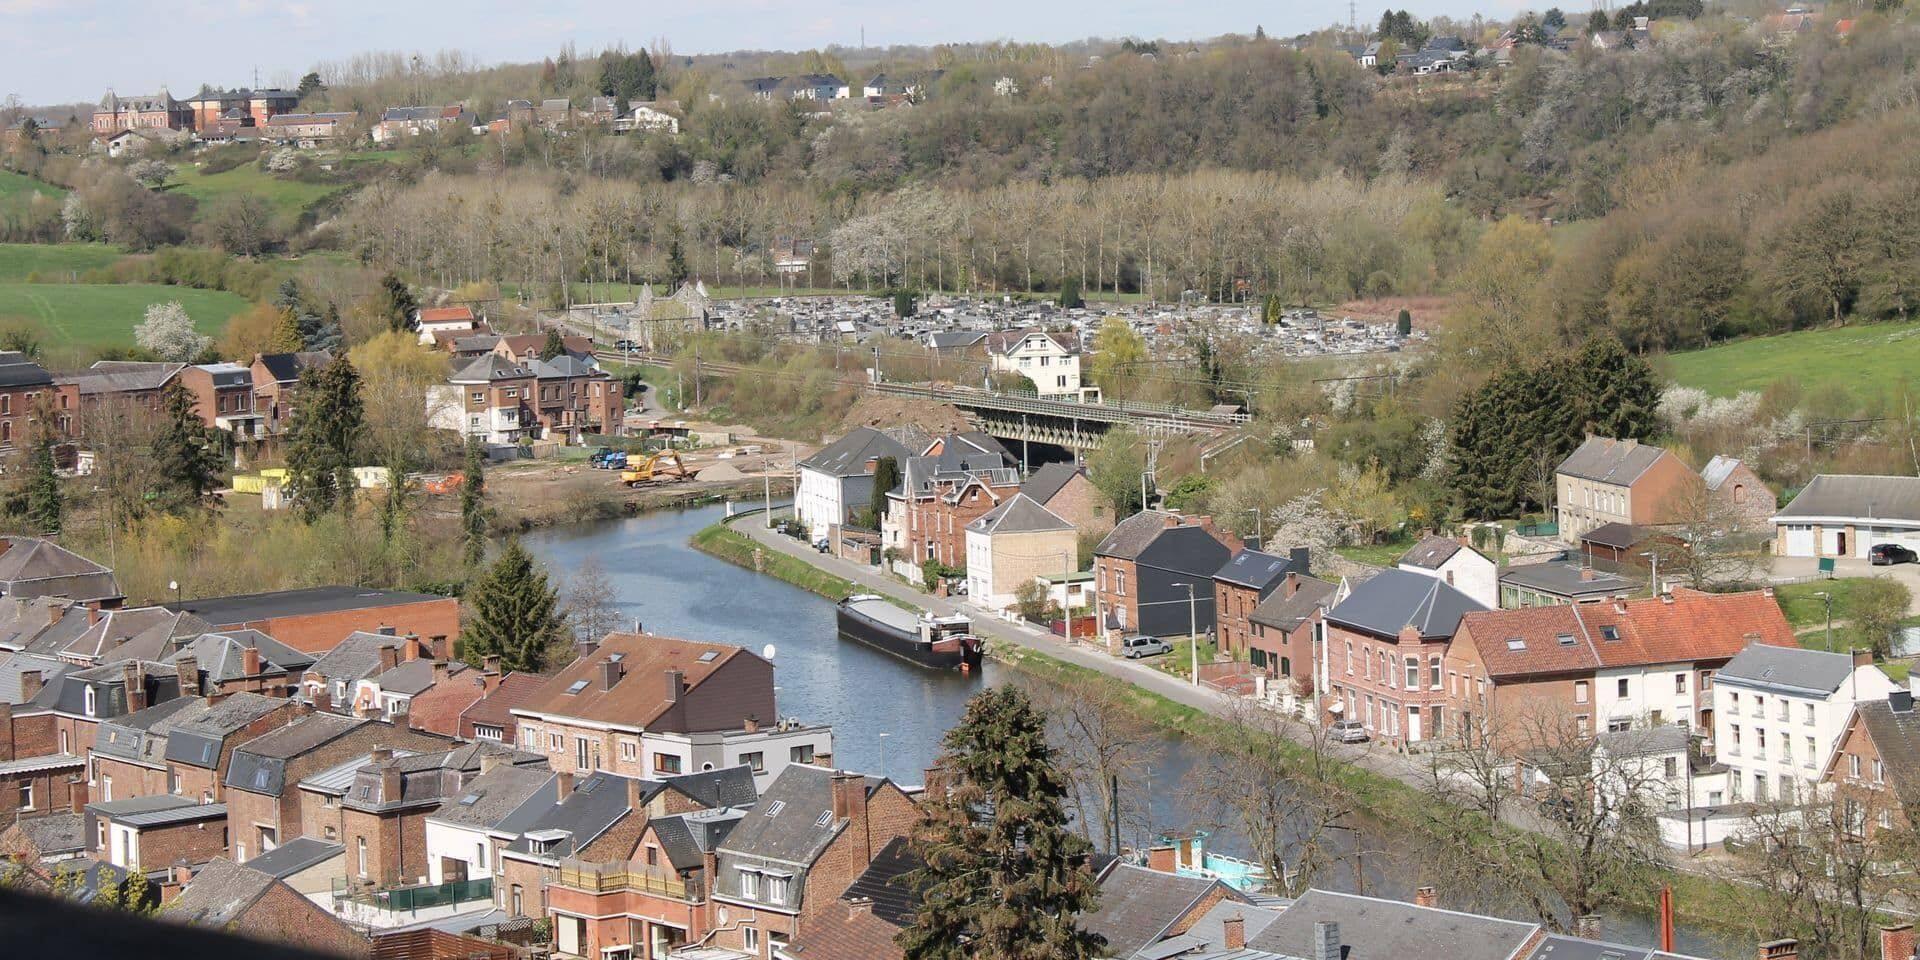 La liaison fluviale Charleroi-Paris sera rouverte cet été